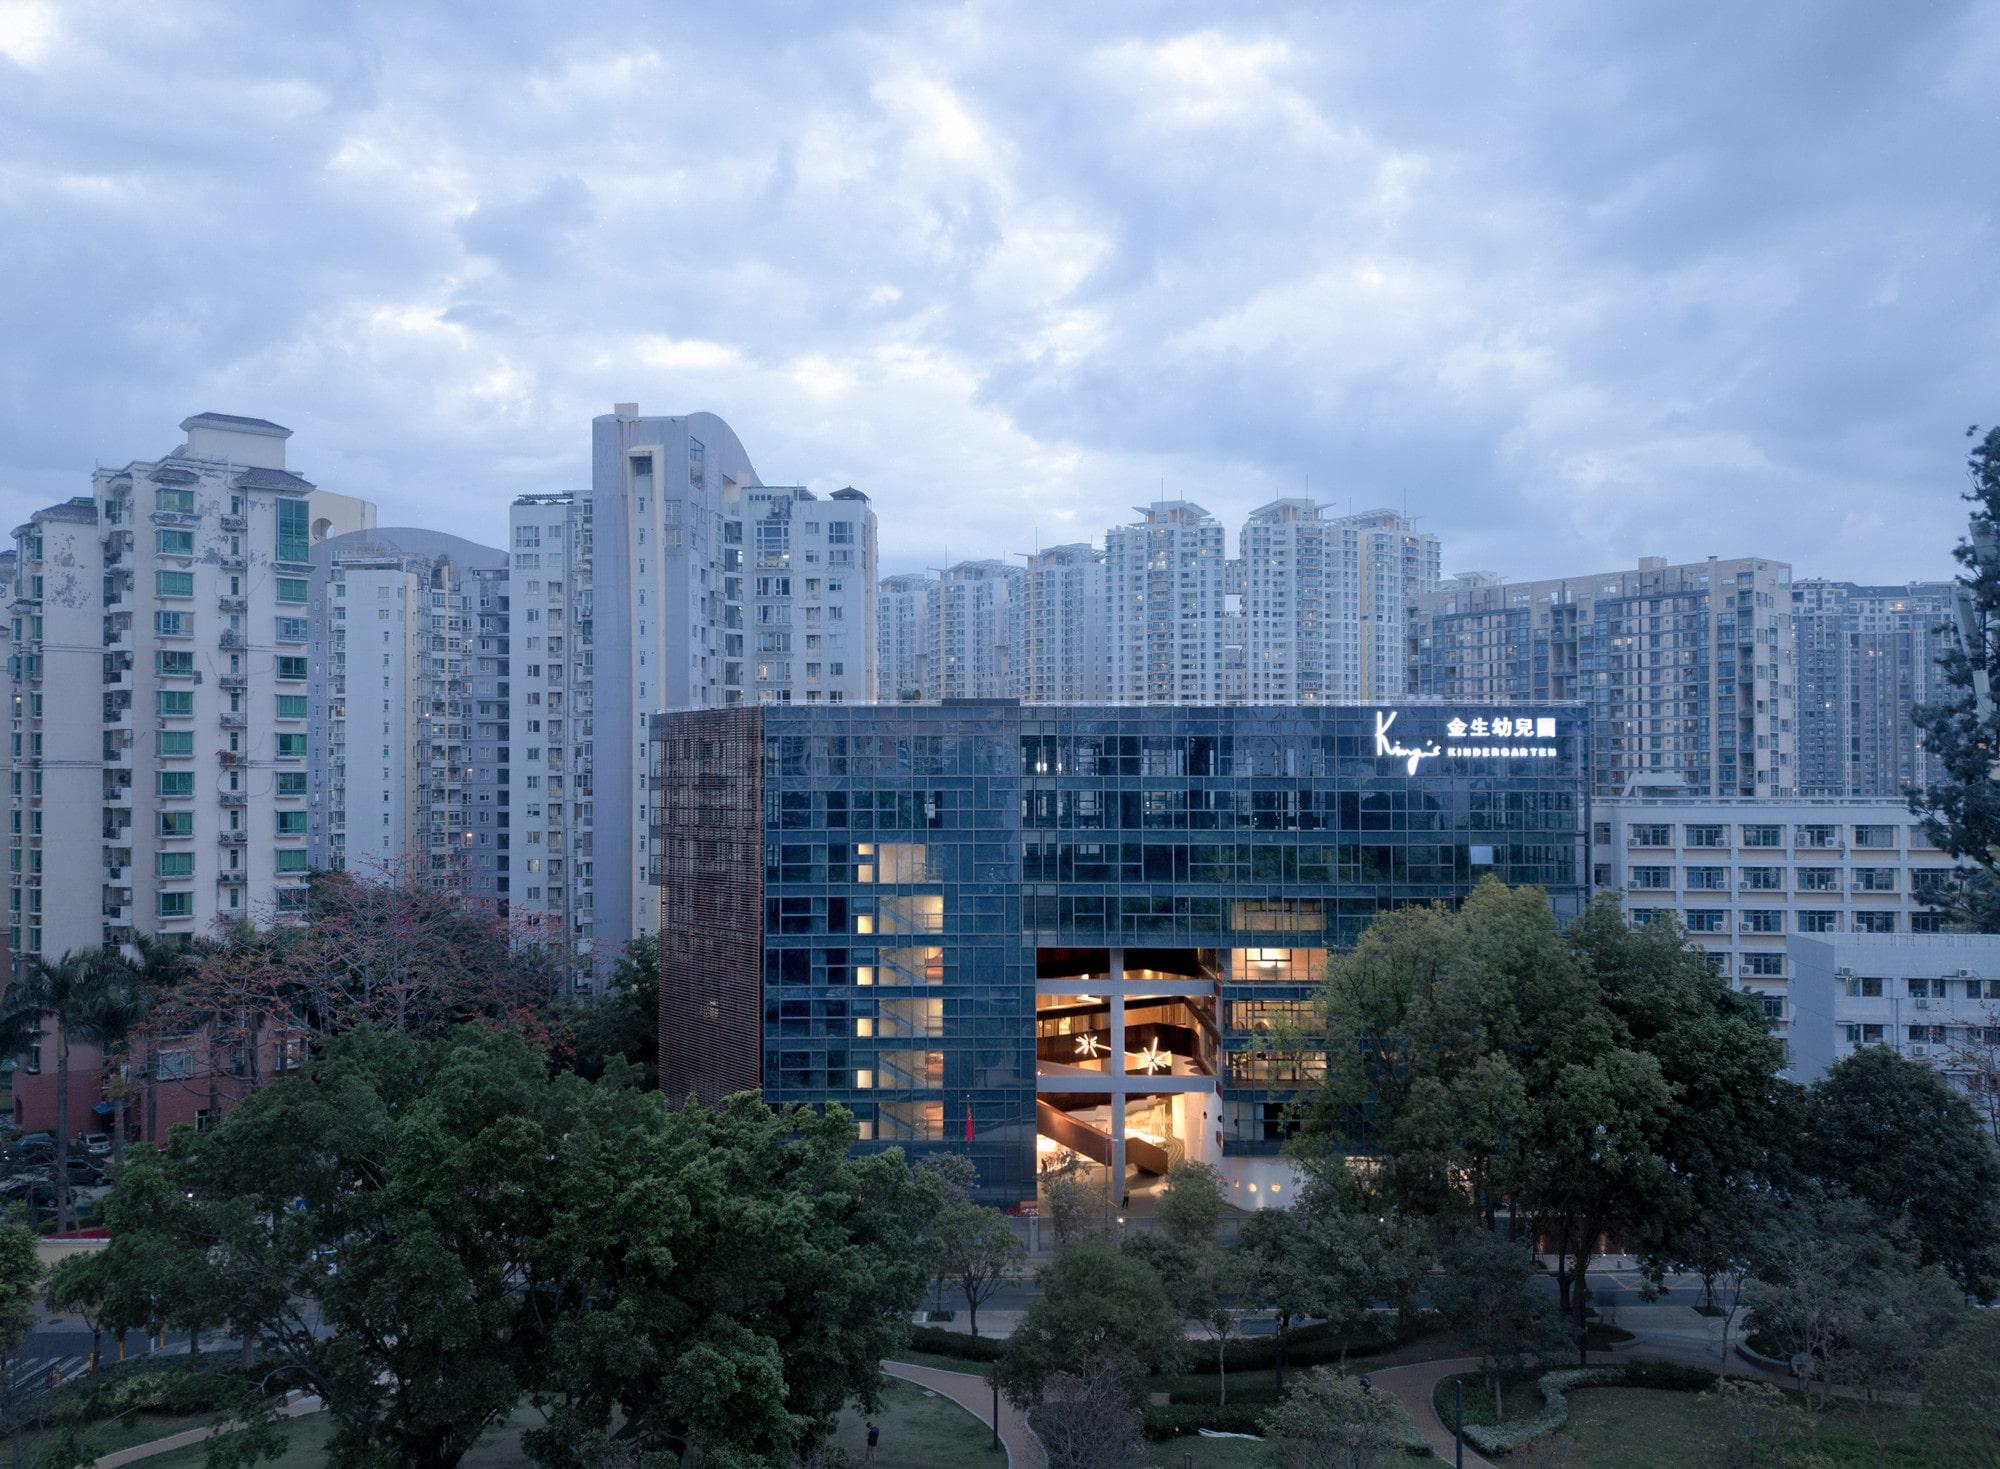 Shenzhen King's Kindergarten